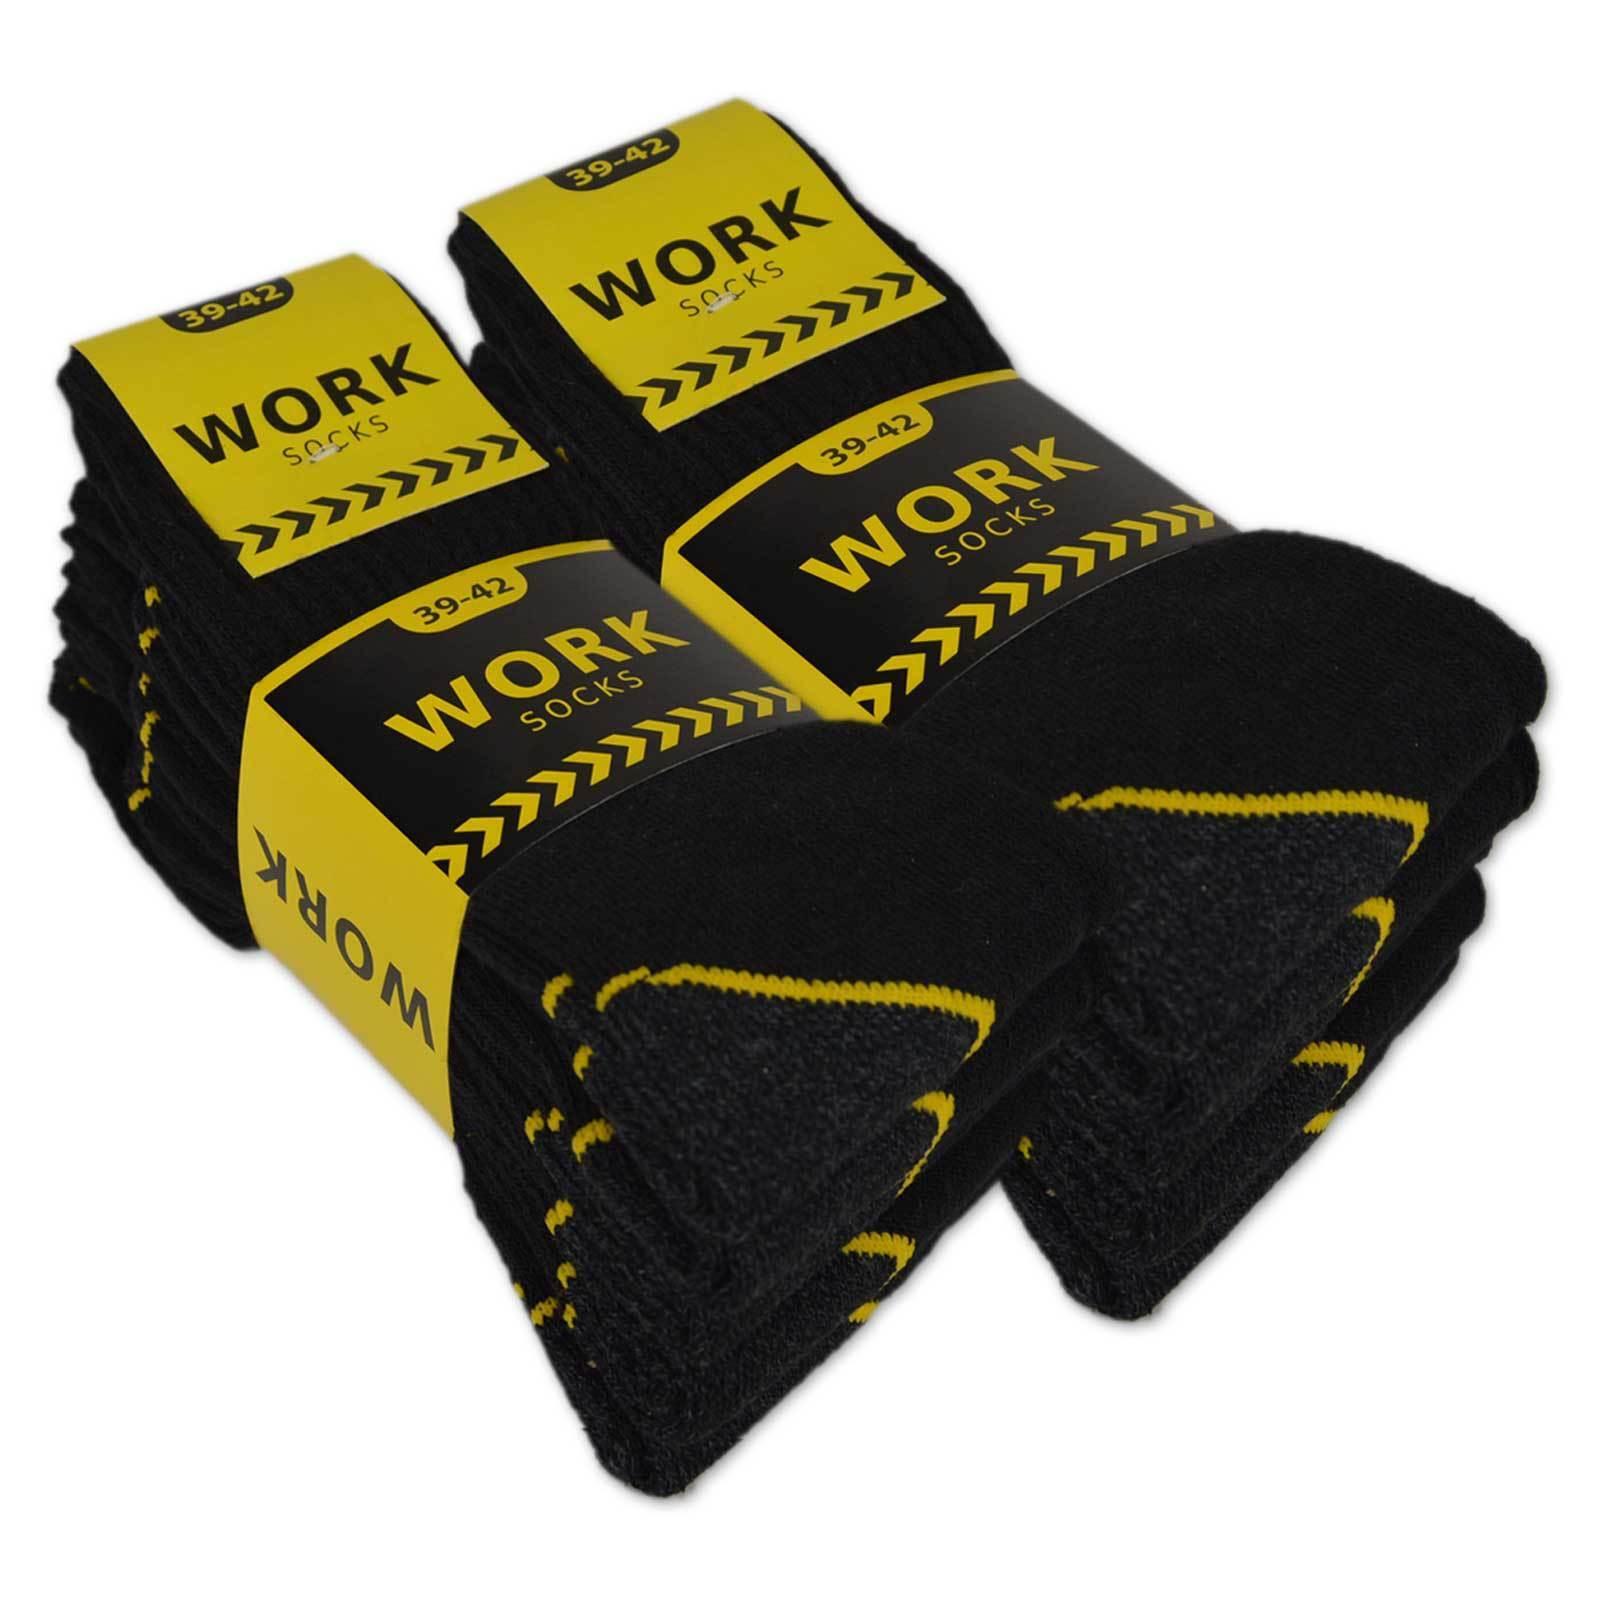 10 | 20 Paar Arbeitssocken WORK Herrensocken Baumwolle auch in Übergröße 47-50